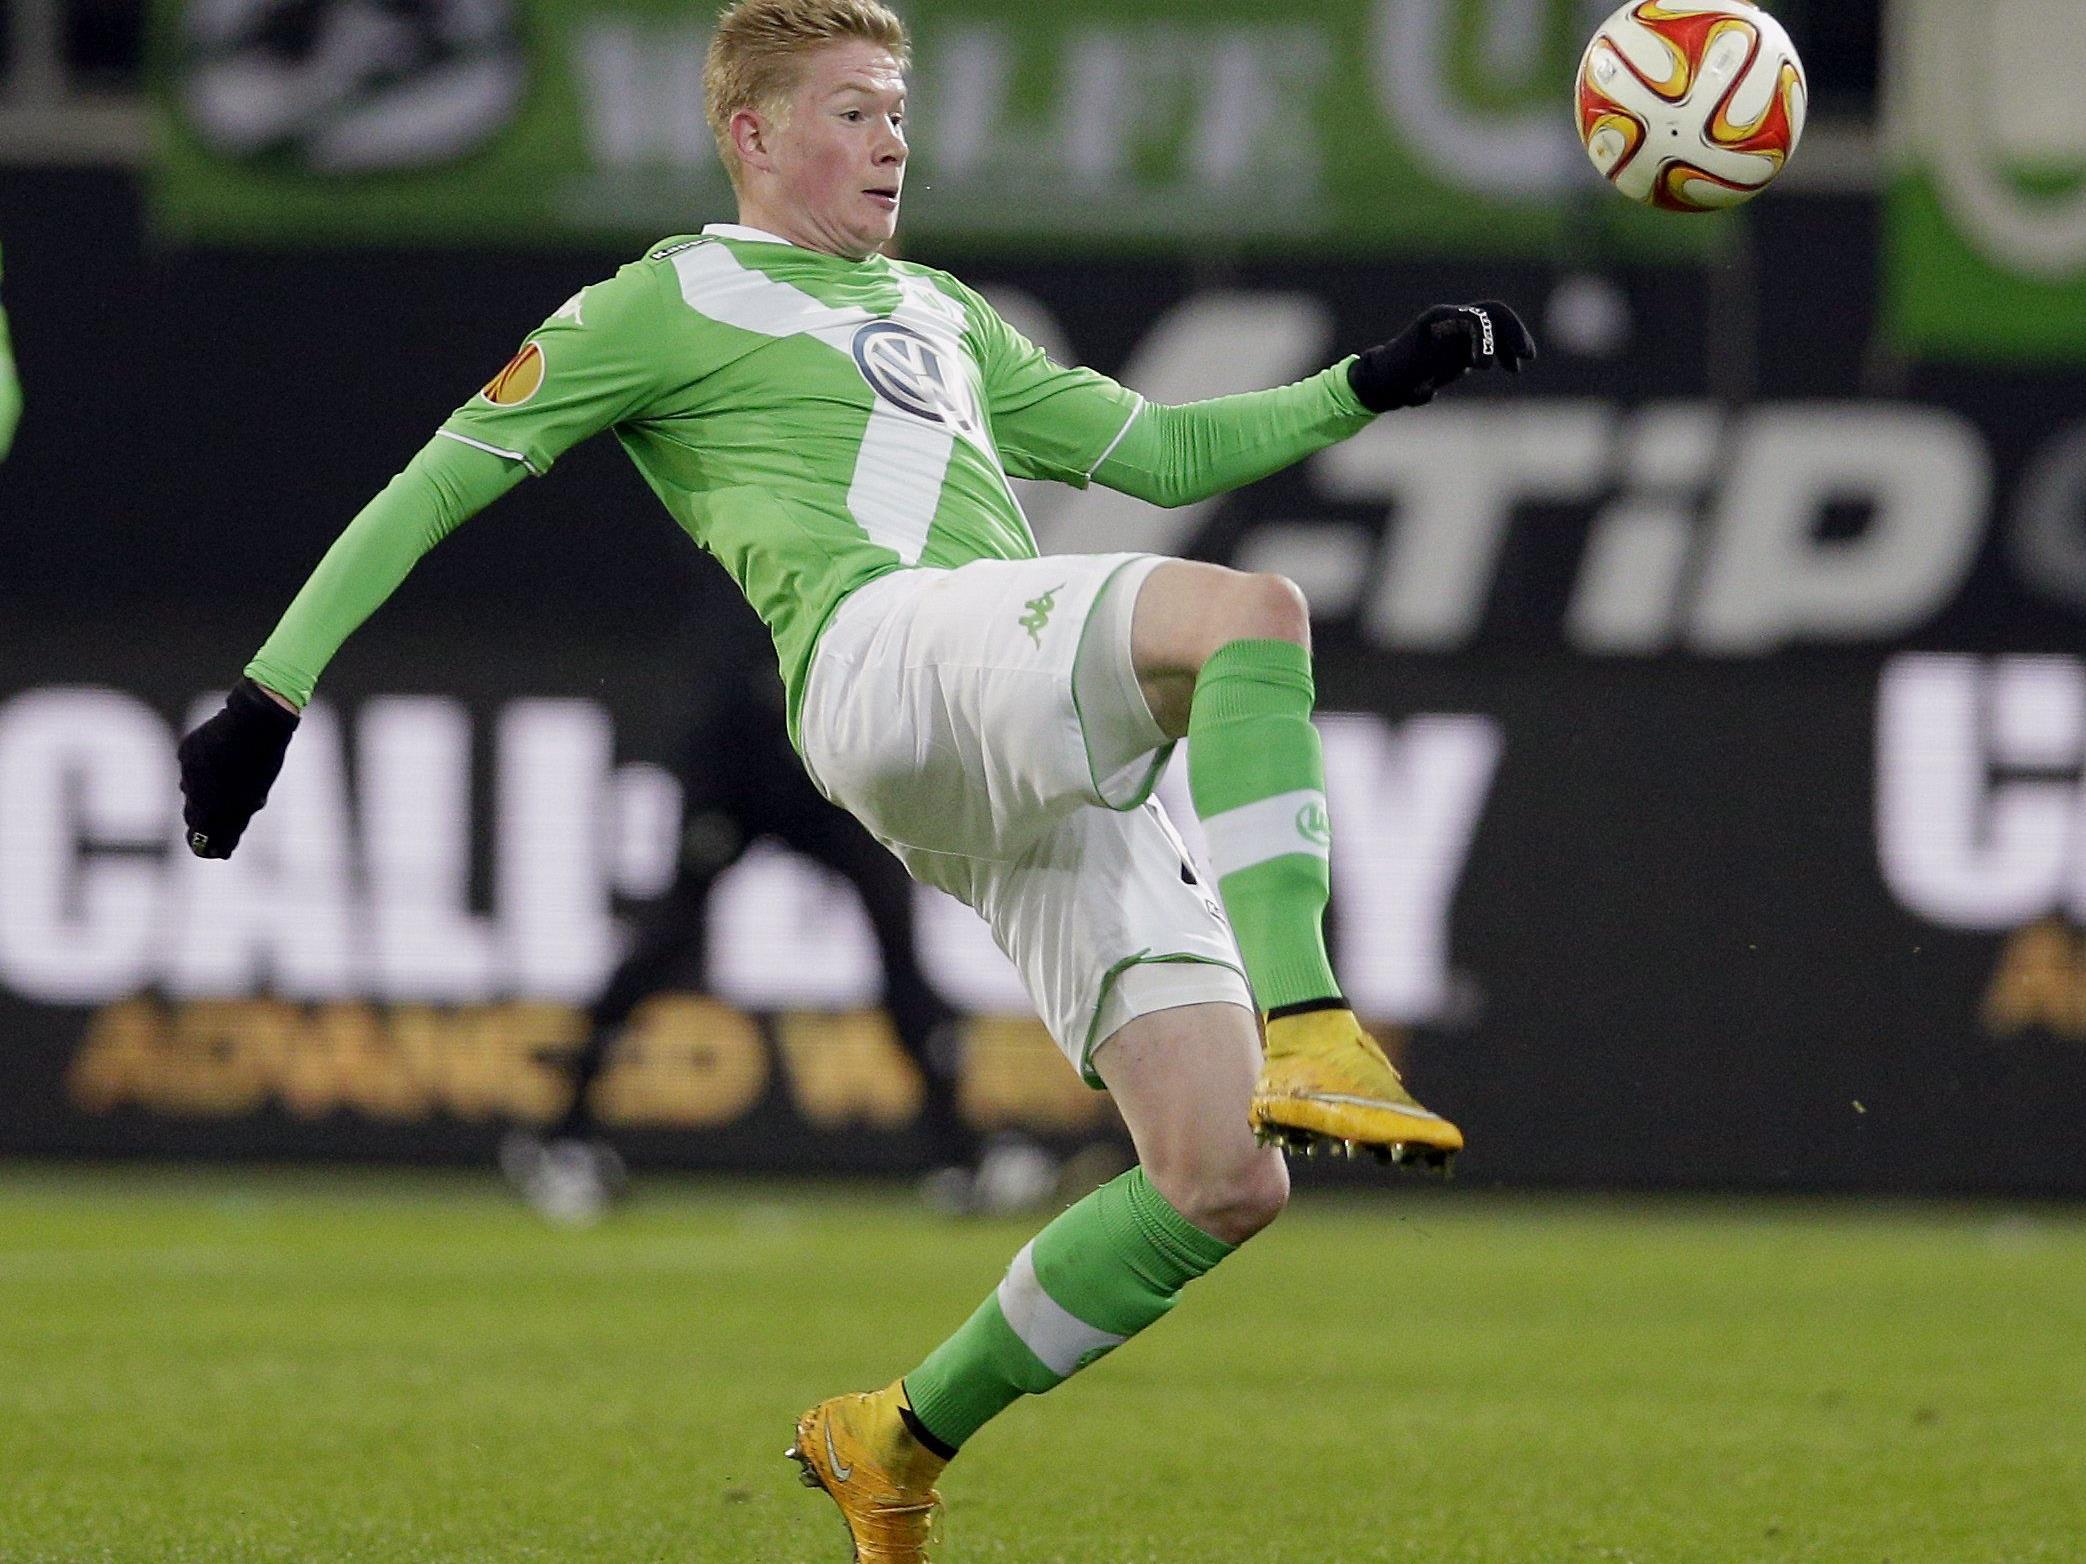 Derzeit herrscht viel Transfer-Aufregung um Wolfburgs Kevin De Bruyne.um